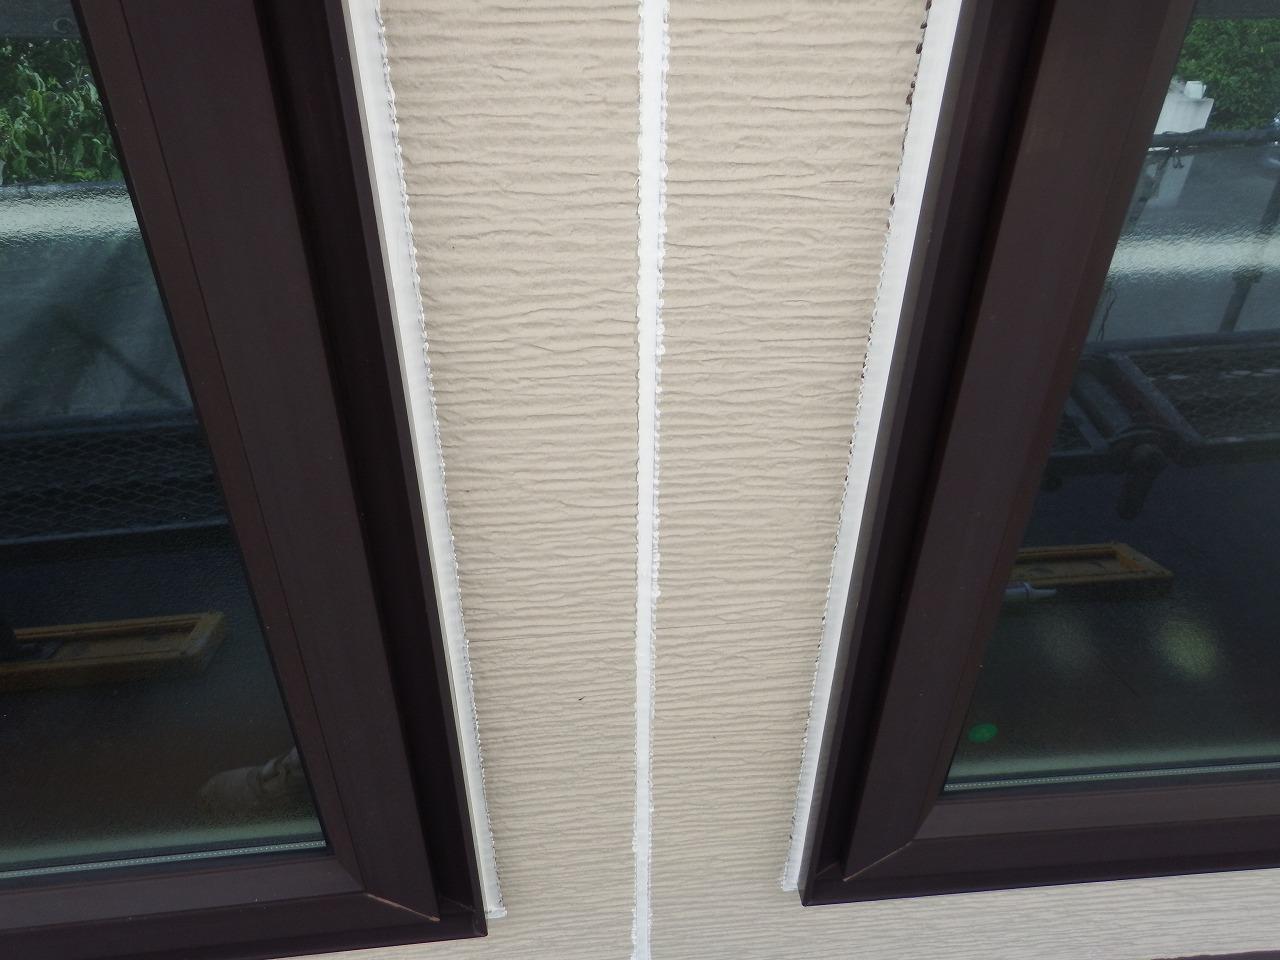 生駒市の外壁塗装現場で外壁のシール打ち